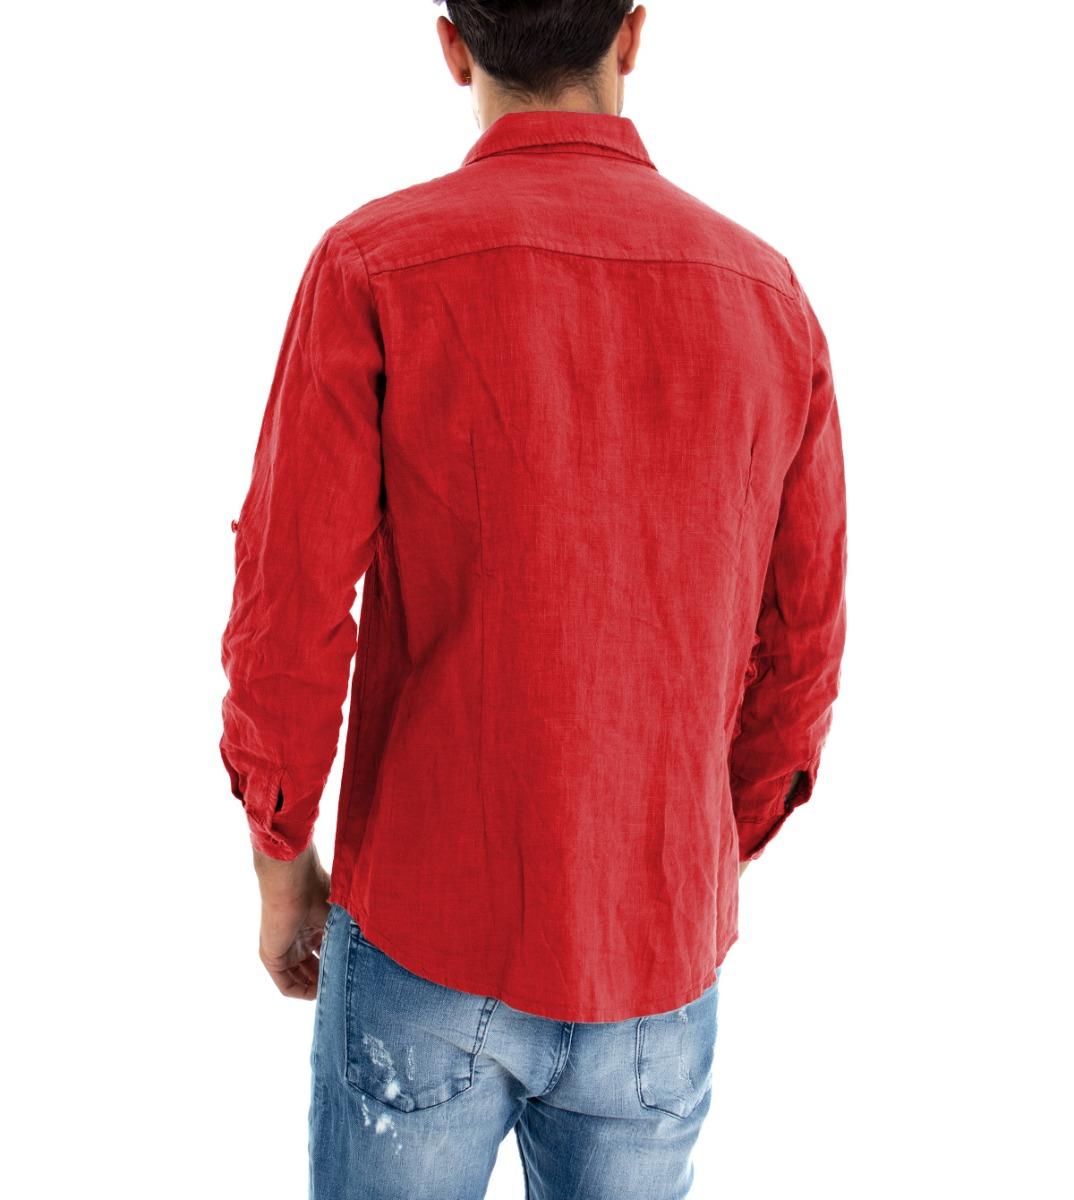 Camicia-Uomo-Lino-Maniche-Lunghe-Colletto-Tinta-Unita-Rossa-GIOSAL miniatura 6